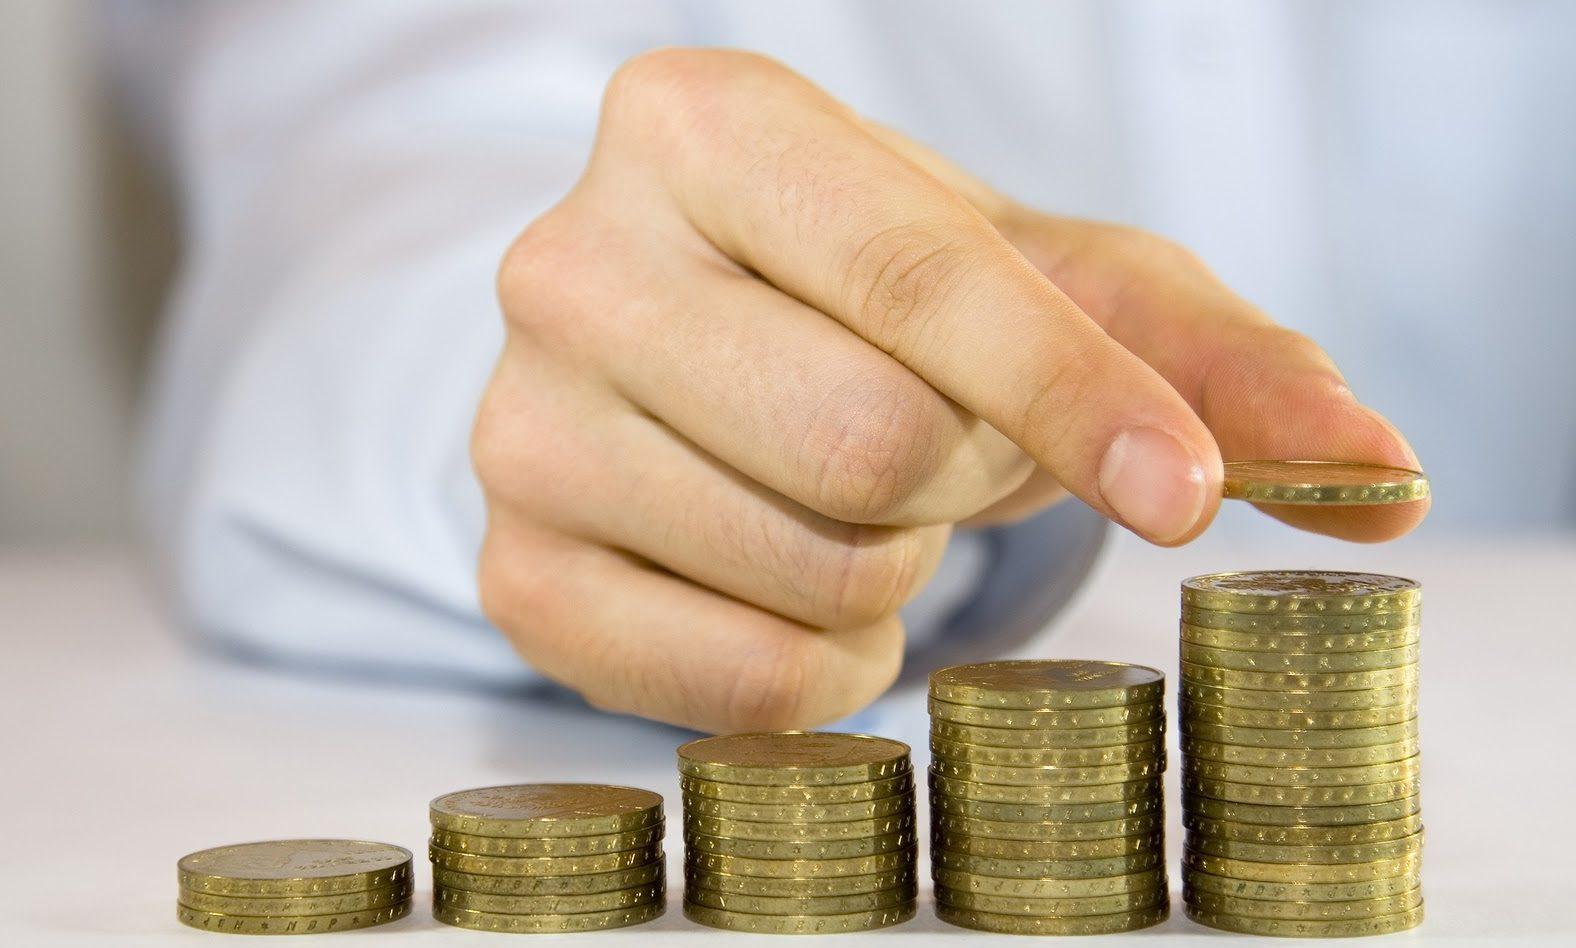 Miből lehet pénzt keresni az interneten?